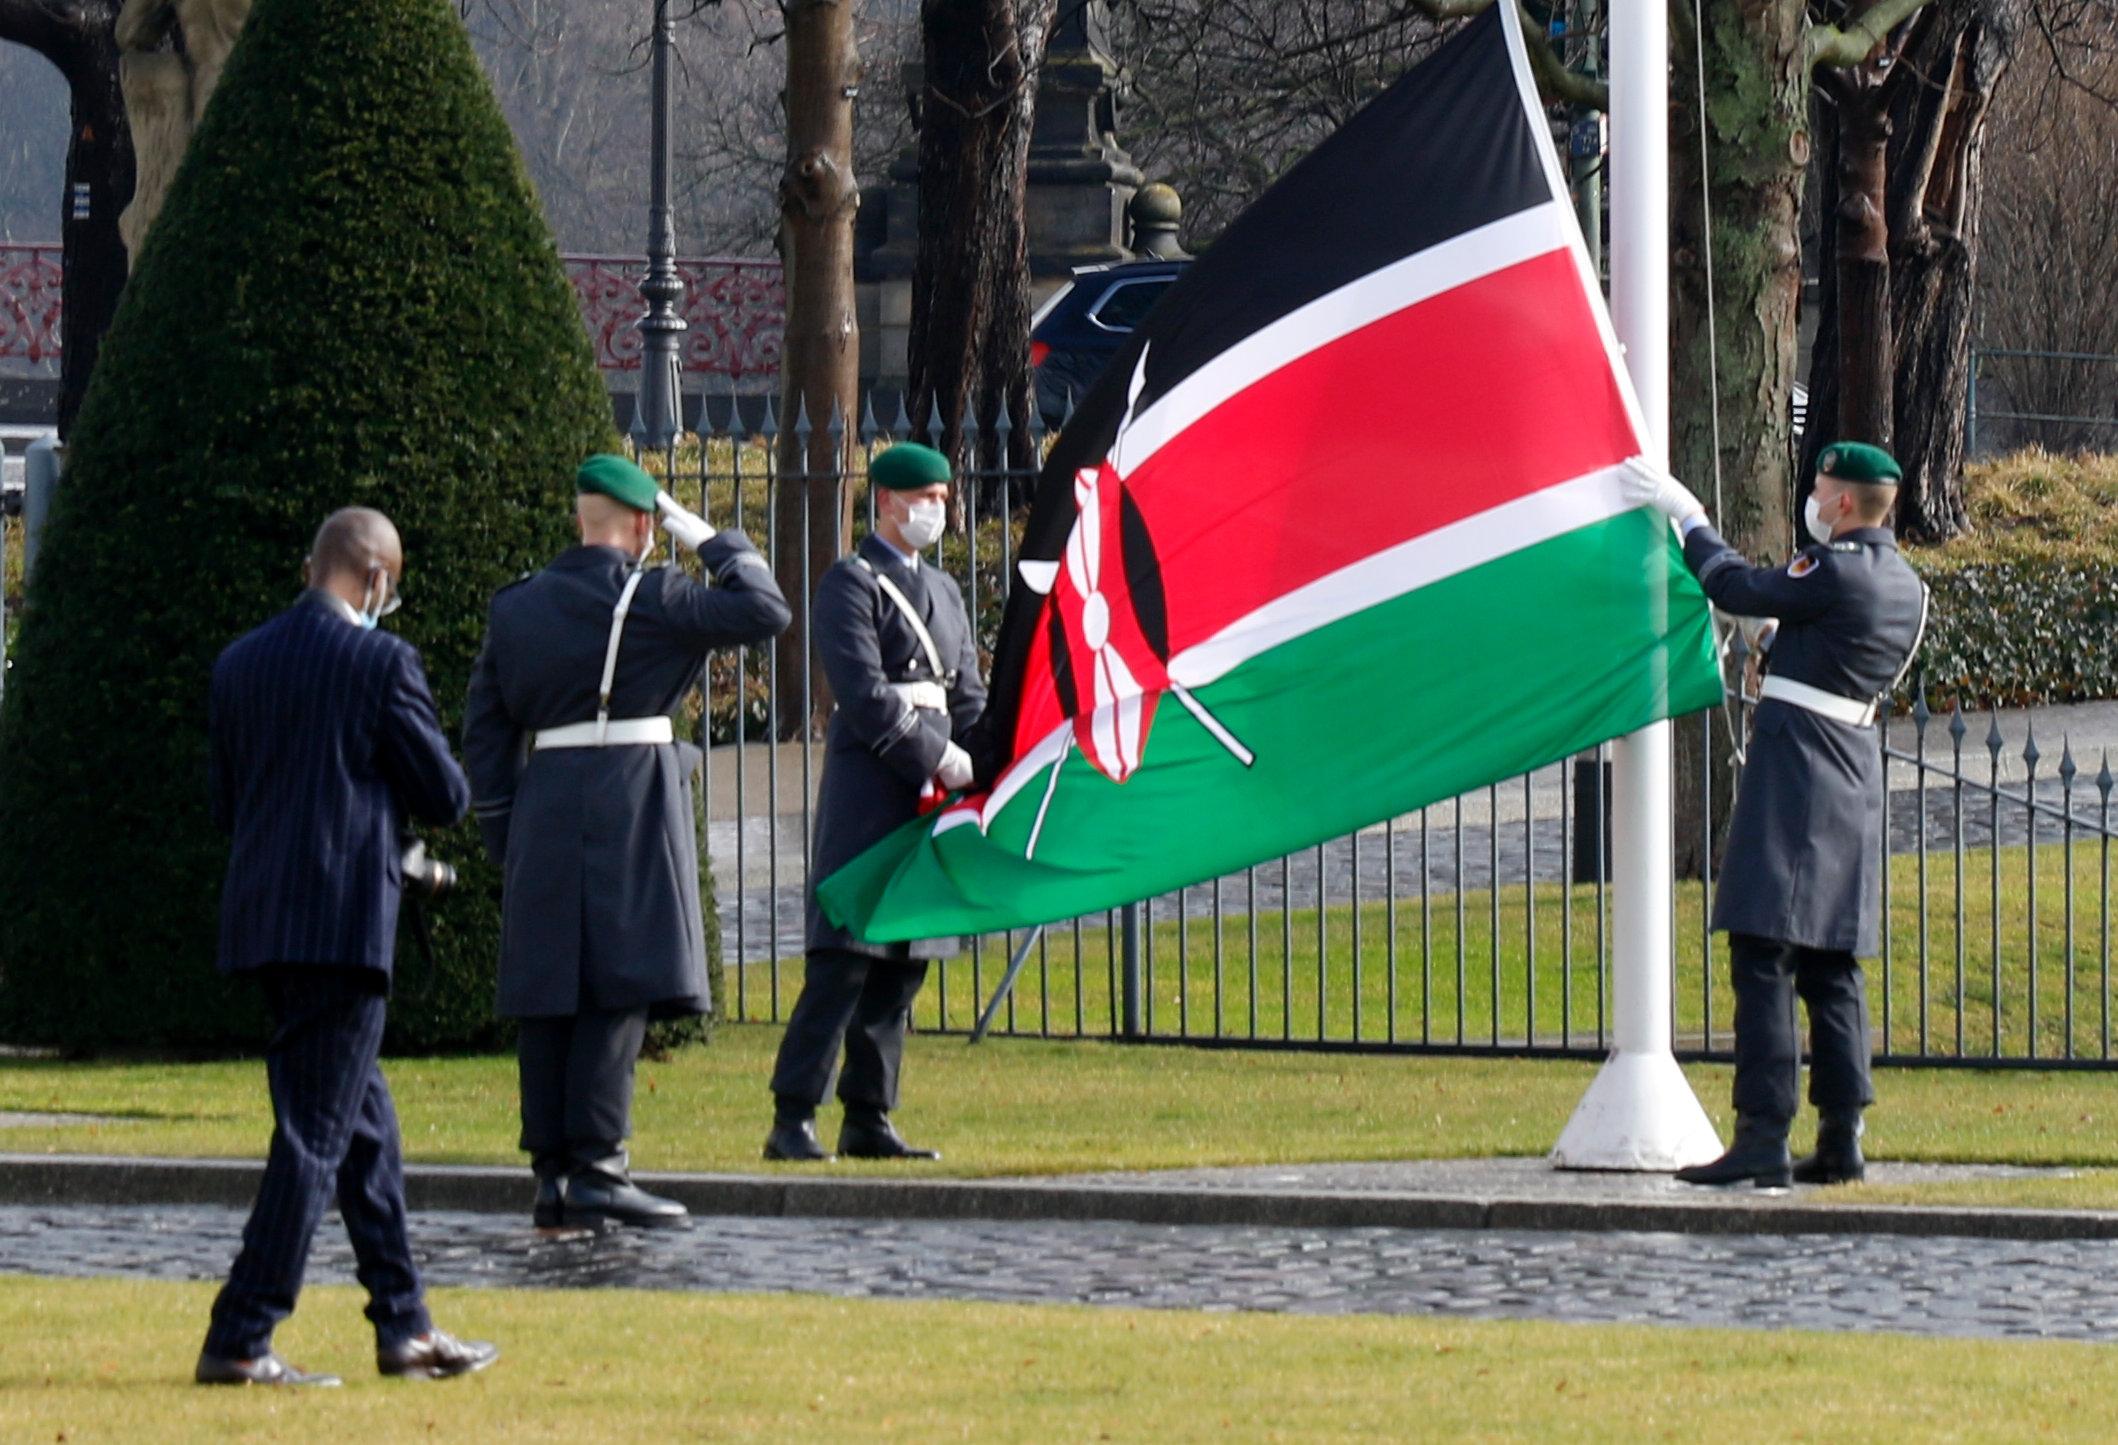 Botschafter der Republik Kenia, Thomas Boniface Amolo, bei Bundespräsident Frank-Walter Steinmeier im Schloss Bellevue akkreditiert